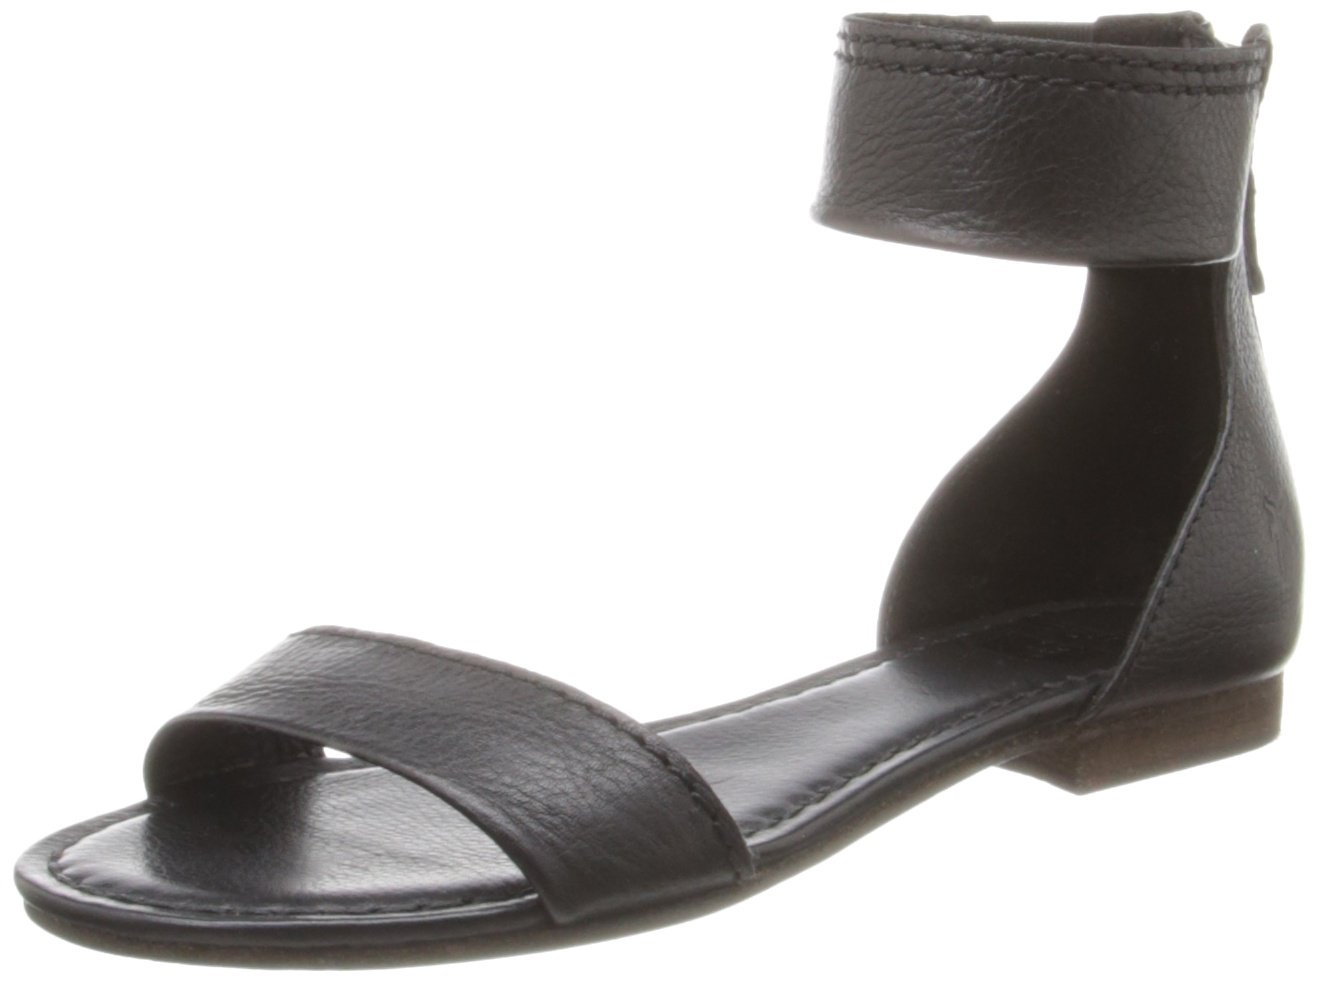 FRYE Women's Carson Ankle Zip Gladiator Sandal B00EZCQ18Y 6.5 B(M) US|Black-72107